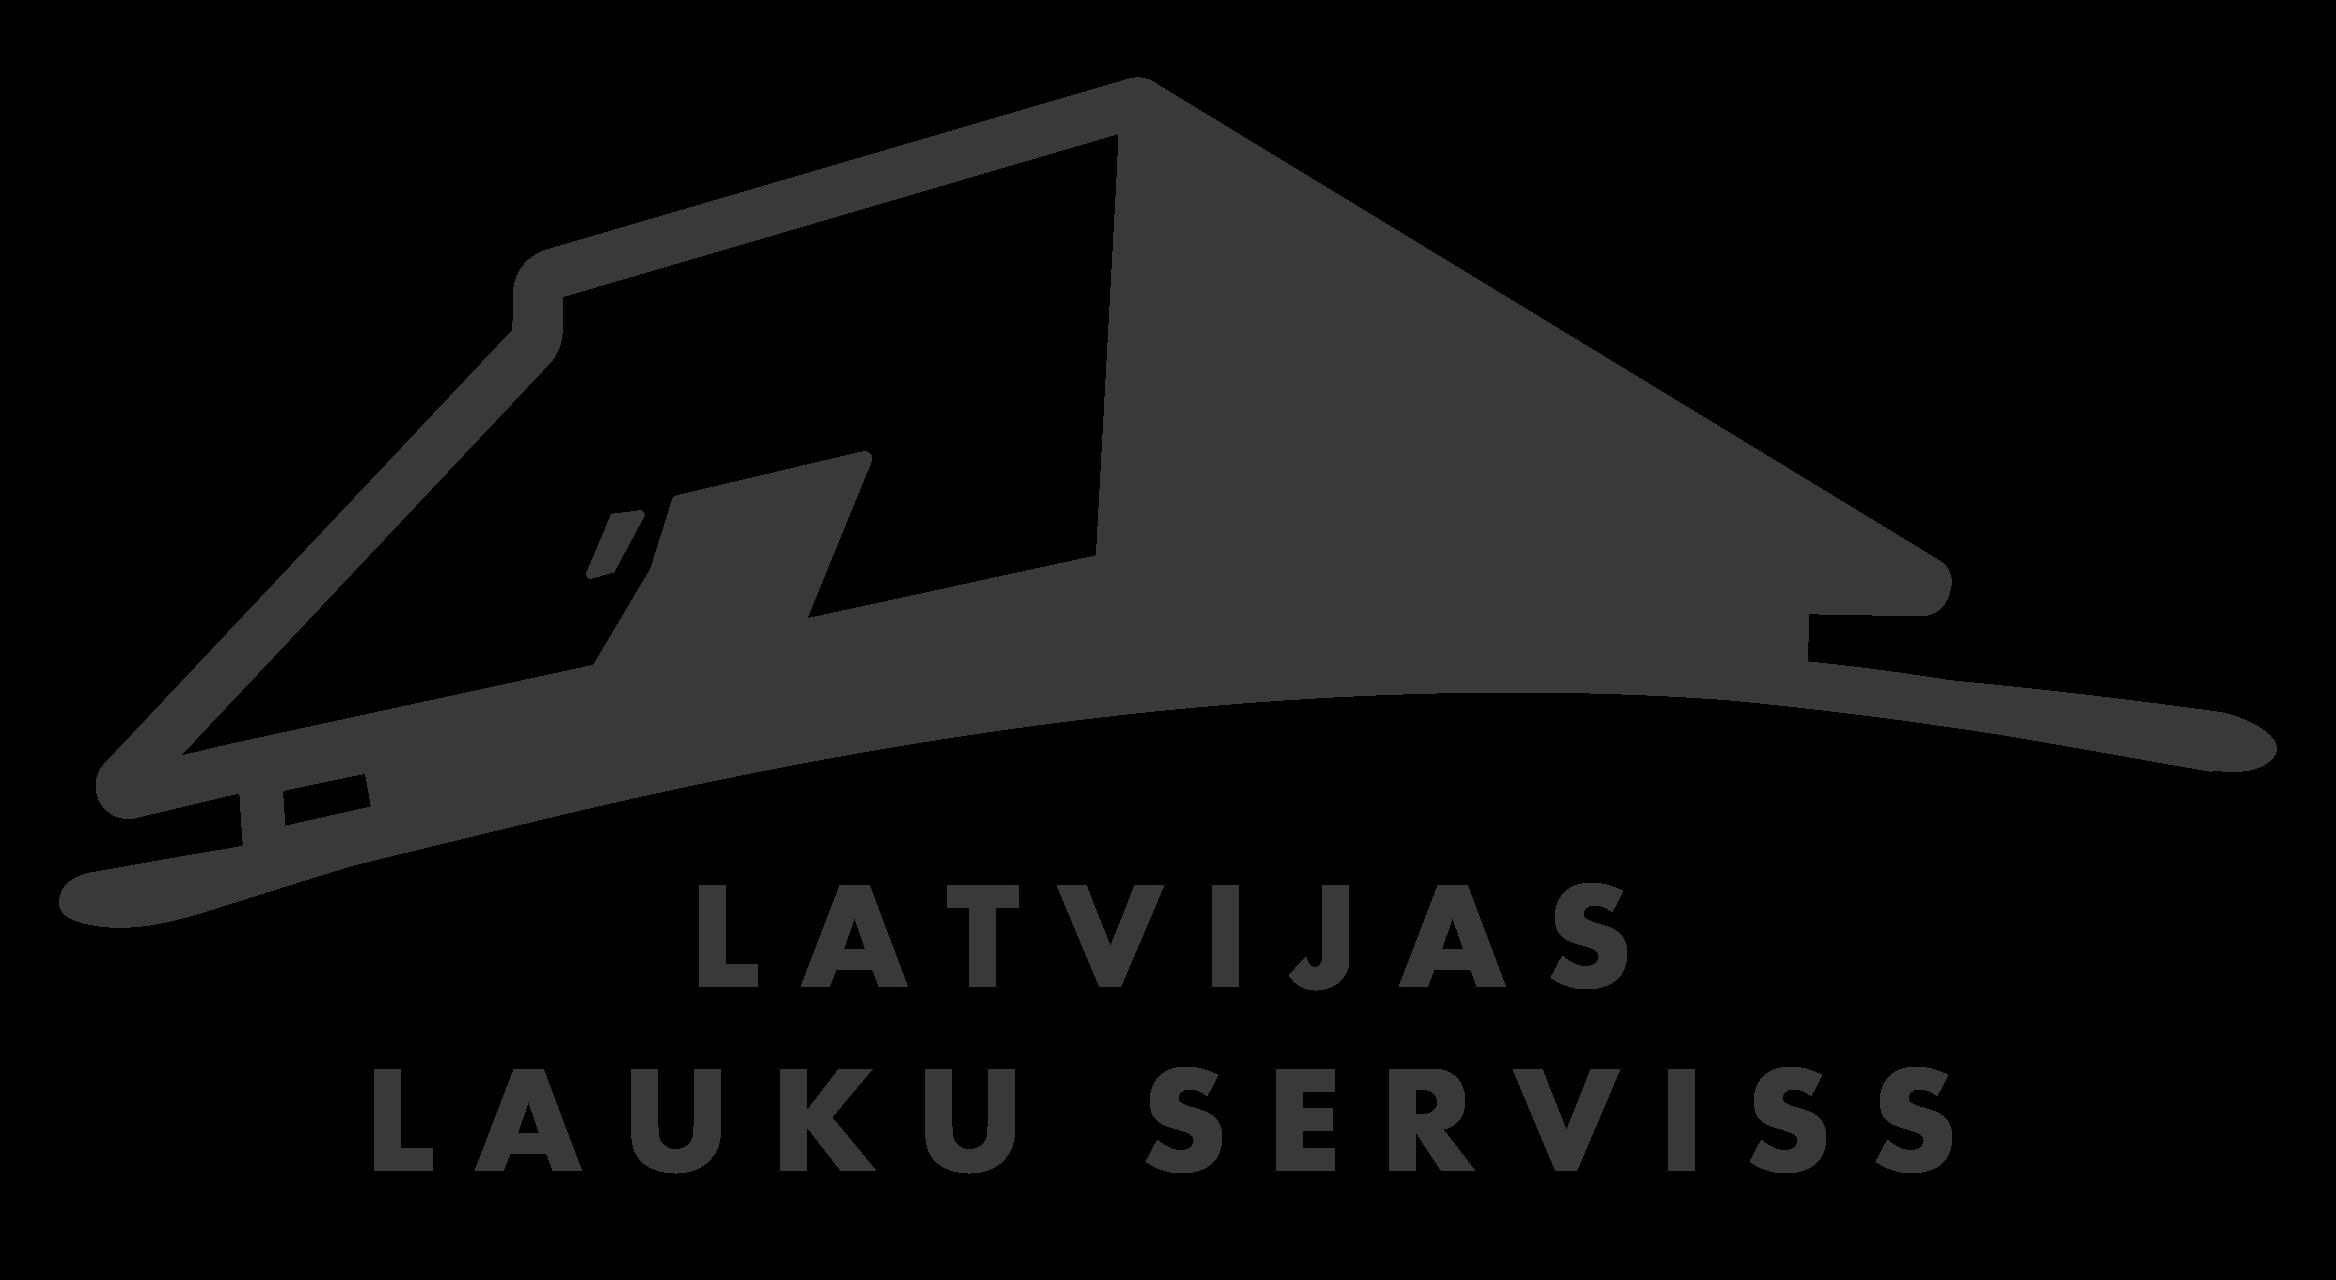 Latvijas Lauku Serviss logo